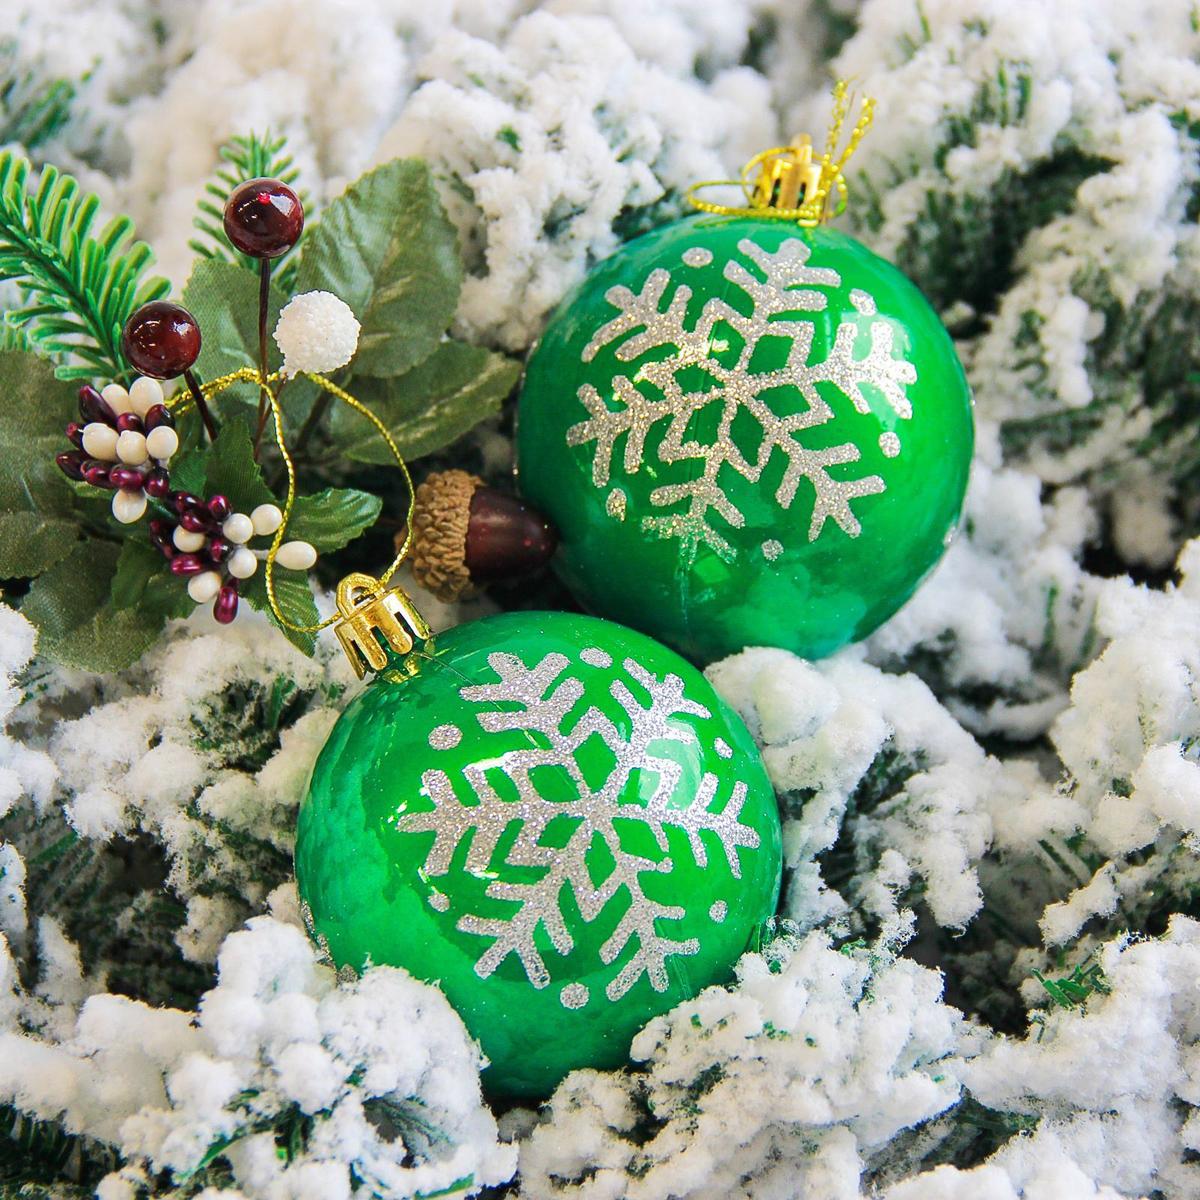 Набор новогодних подвесных украшений Sima-land Снежинка. Капель, цвет: зеленый, диаметр 7 см, 6 шт2178209Набор новогодних подвесных украшений Sima-land отлично подойдет для декорации вашего дома и новогодней ели. С помощью специальной петельки украшение можно повесить в любом понравившемся вам месте. Но, конечно, удачнее всего оно будет смотреться на праздничной елке. Елочная игрушка - символ Нового года. Она несет в себе волшебство и красоту праздника. Создайте в своем доме атмосферу веселья и радости, украшая новогоднюю елку нарядными игрушками, которые будут из года в год накапливать теплоту воспоминаний.